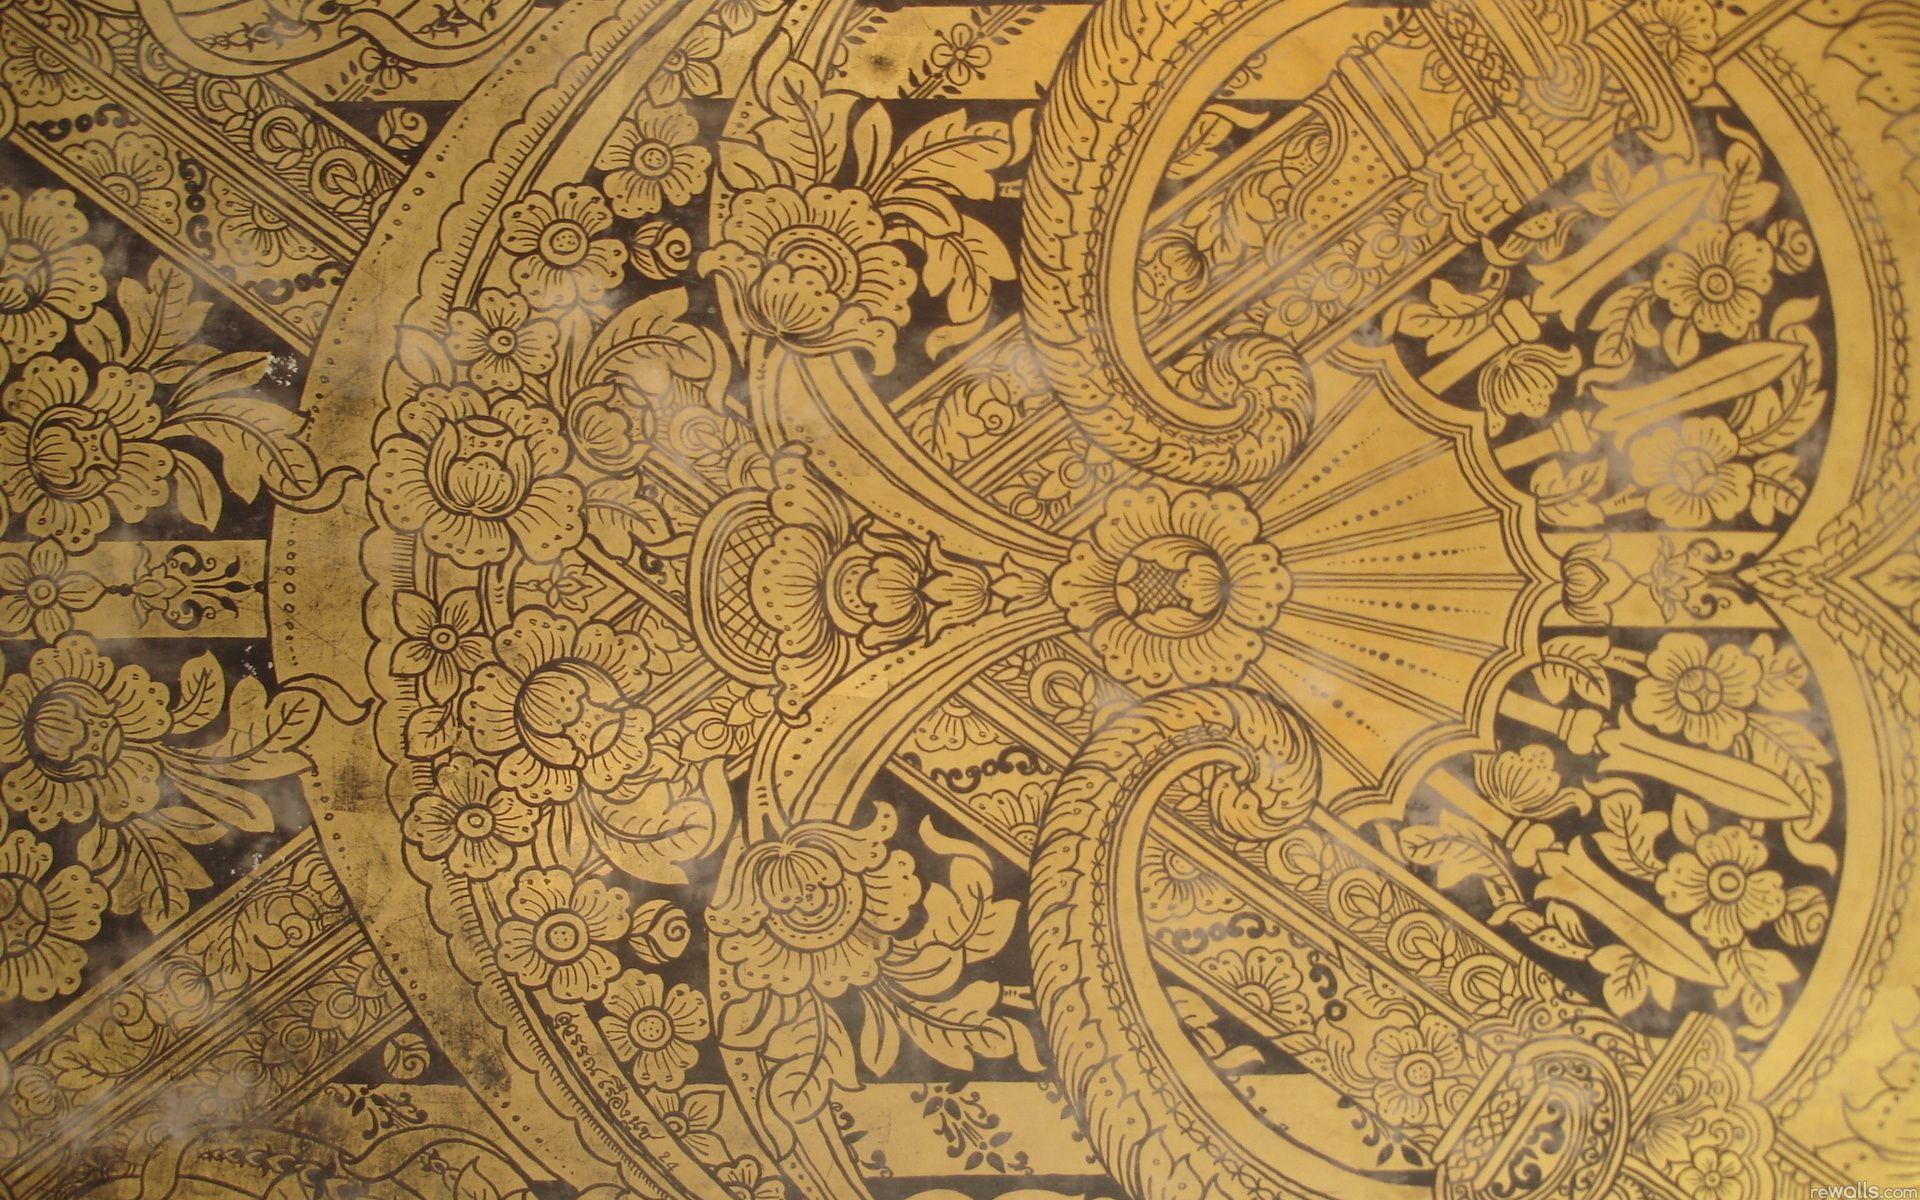 Http Eskipaper Com Images Free Vintage Backgrounds 4 Jpg Vintage Scrapbook Background Vintage Background Patterns